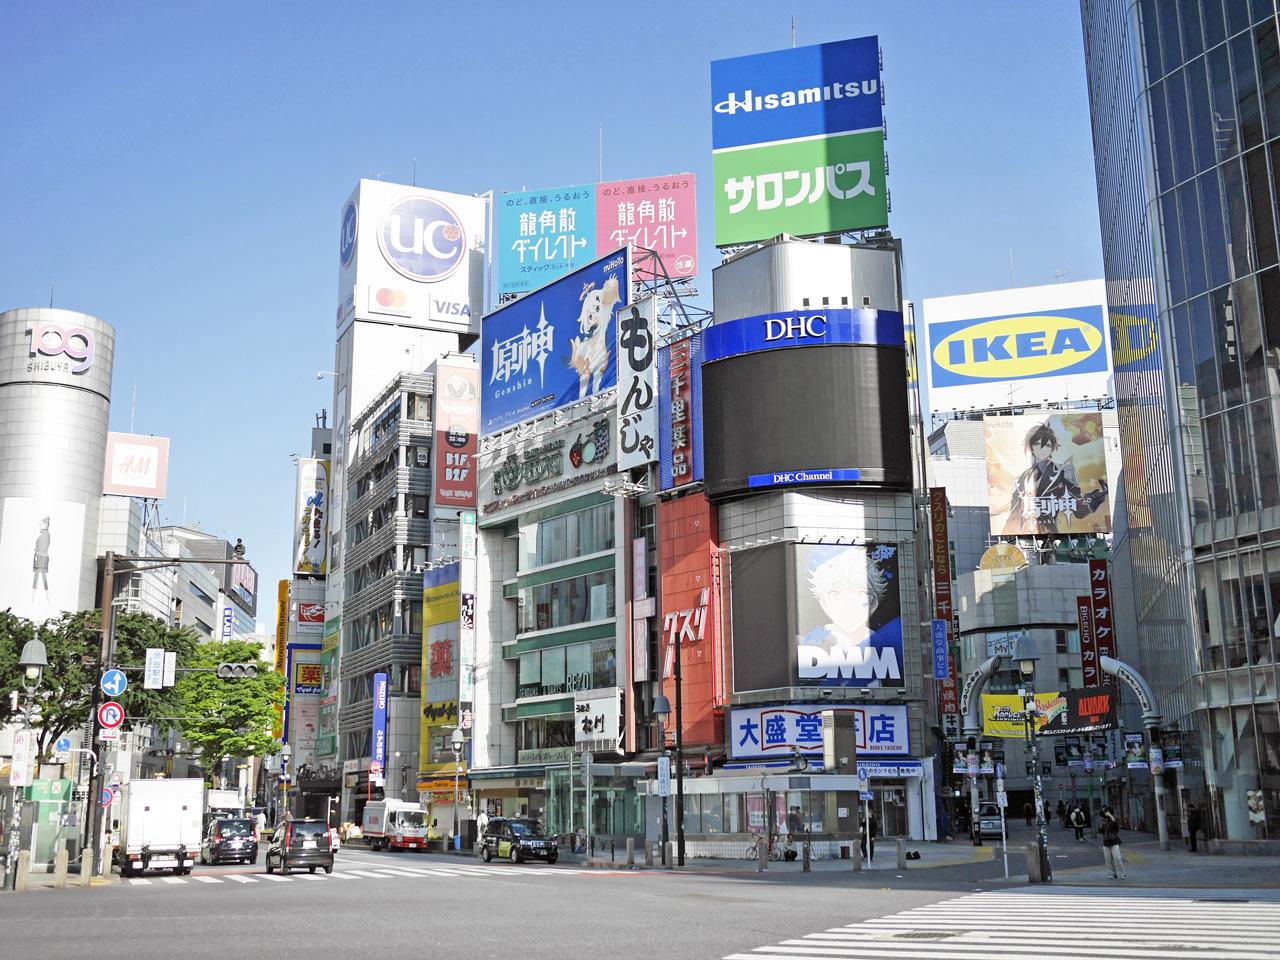 早朝の渋谷駅前にディストピア感は皆無